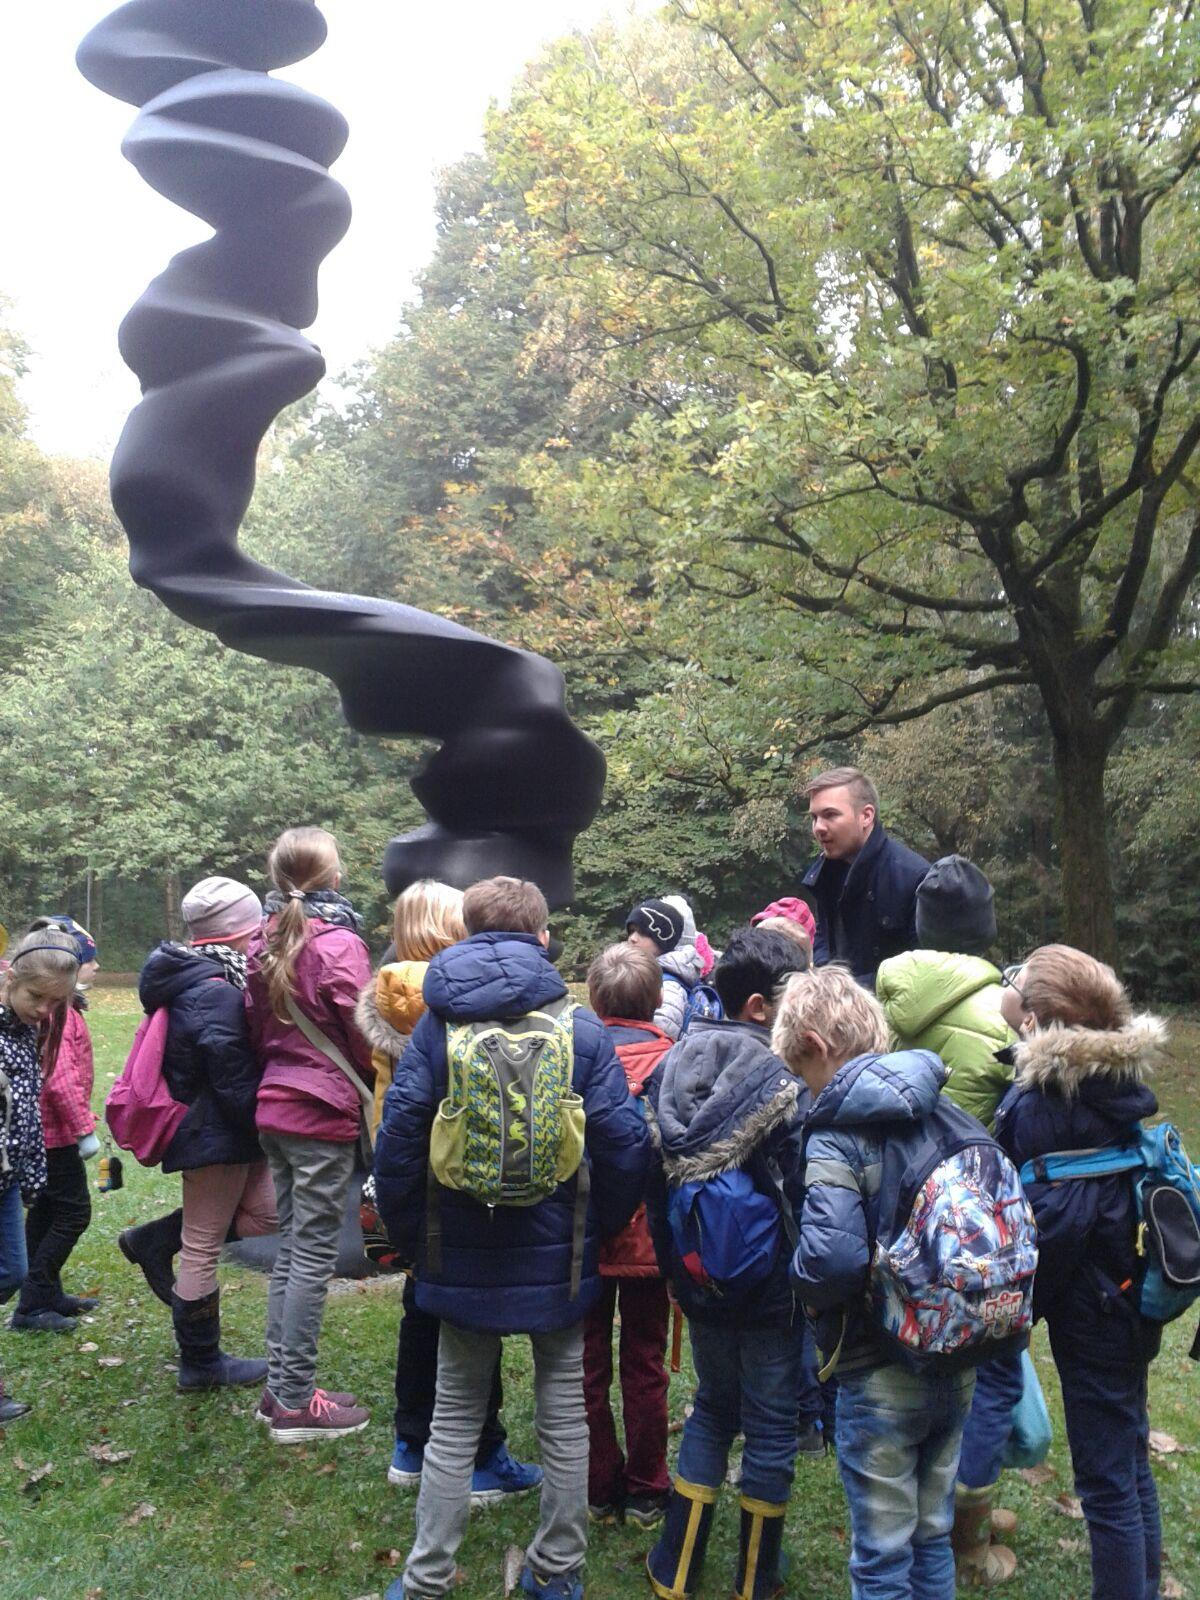 Ausflug in den Skulpturenpark. Die verschiedenen Gesichter (gestaltet von Tony Cragg)